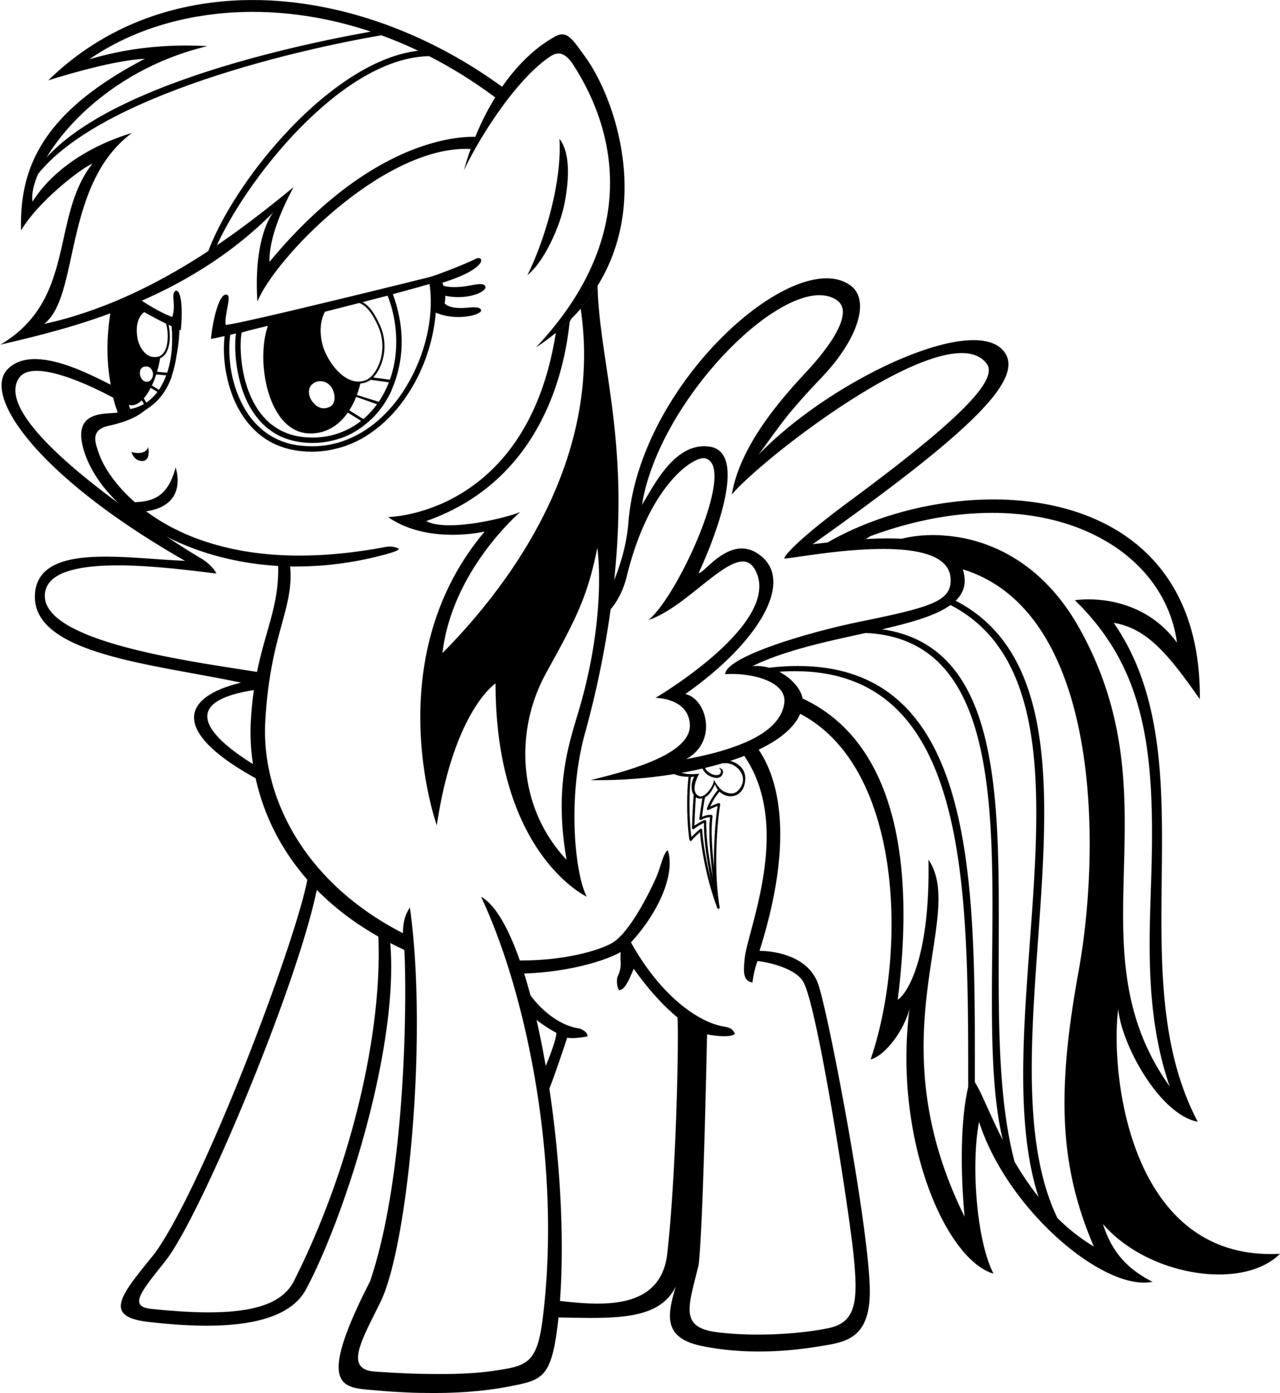 Rainbow Dash : Coloriage My Little Pony À Imprimer Gratuit pour Coloriage Gratuit My Little Pony